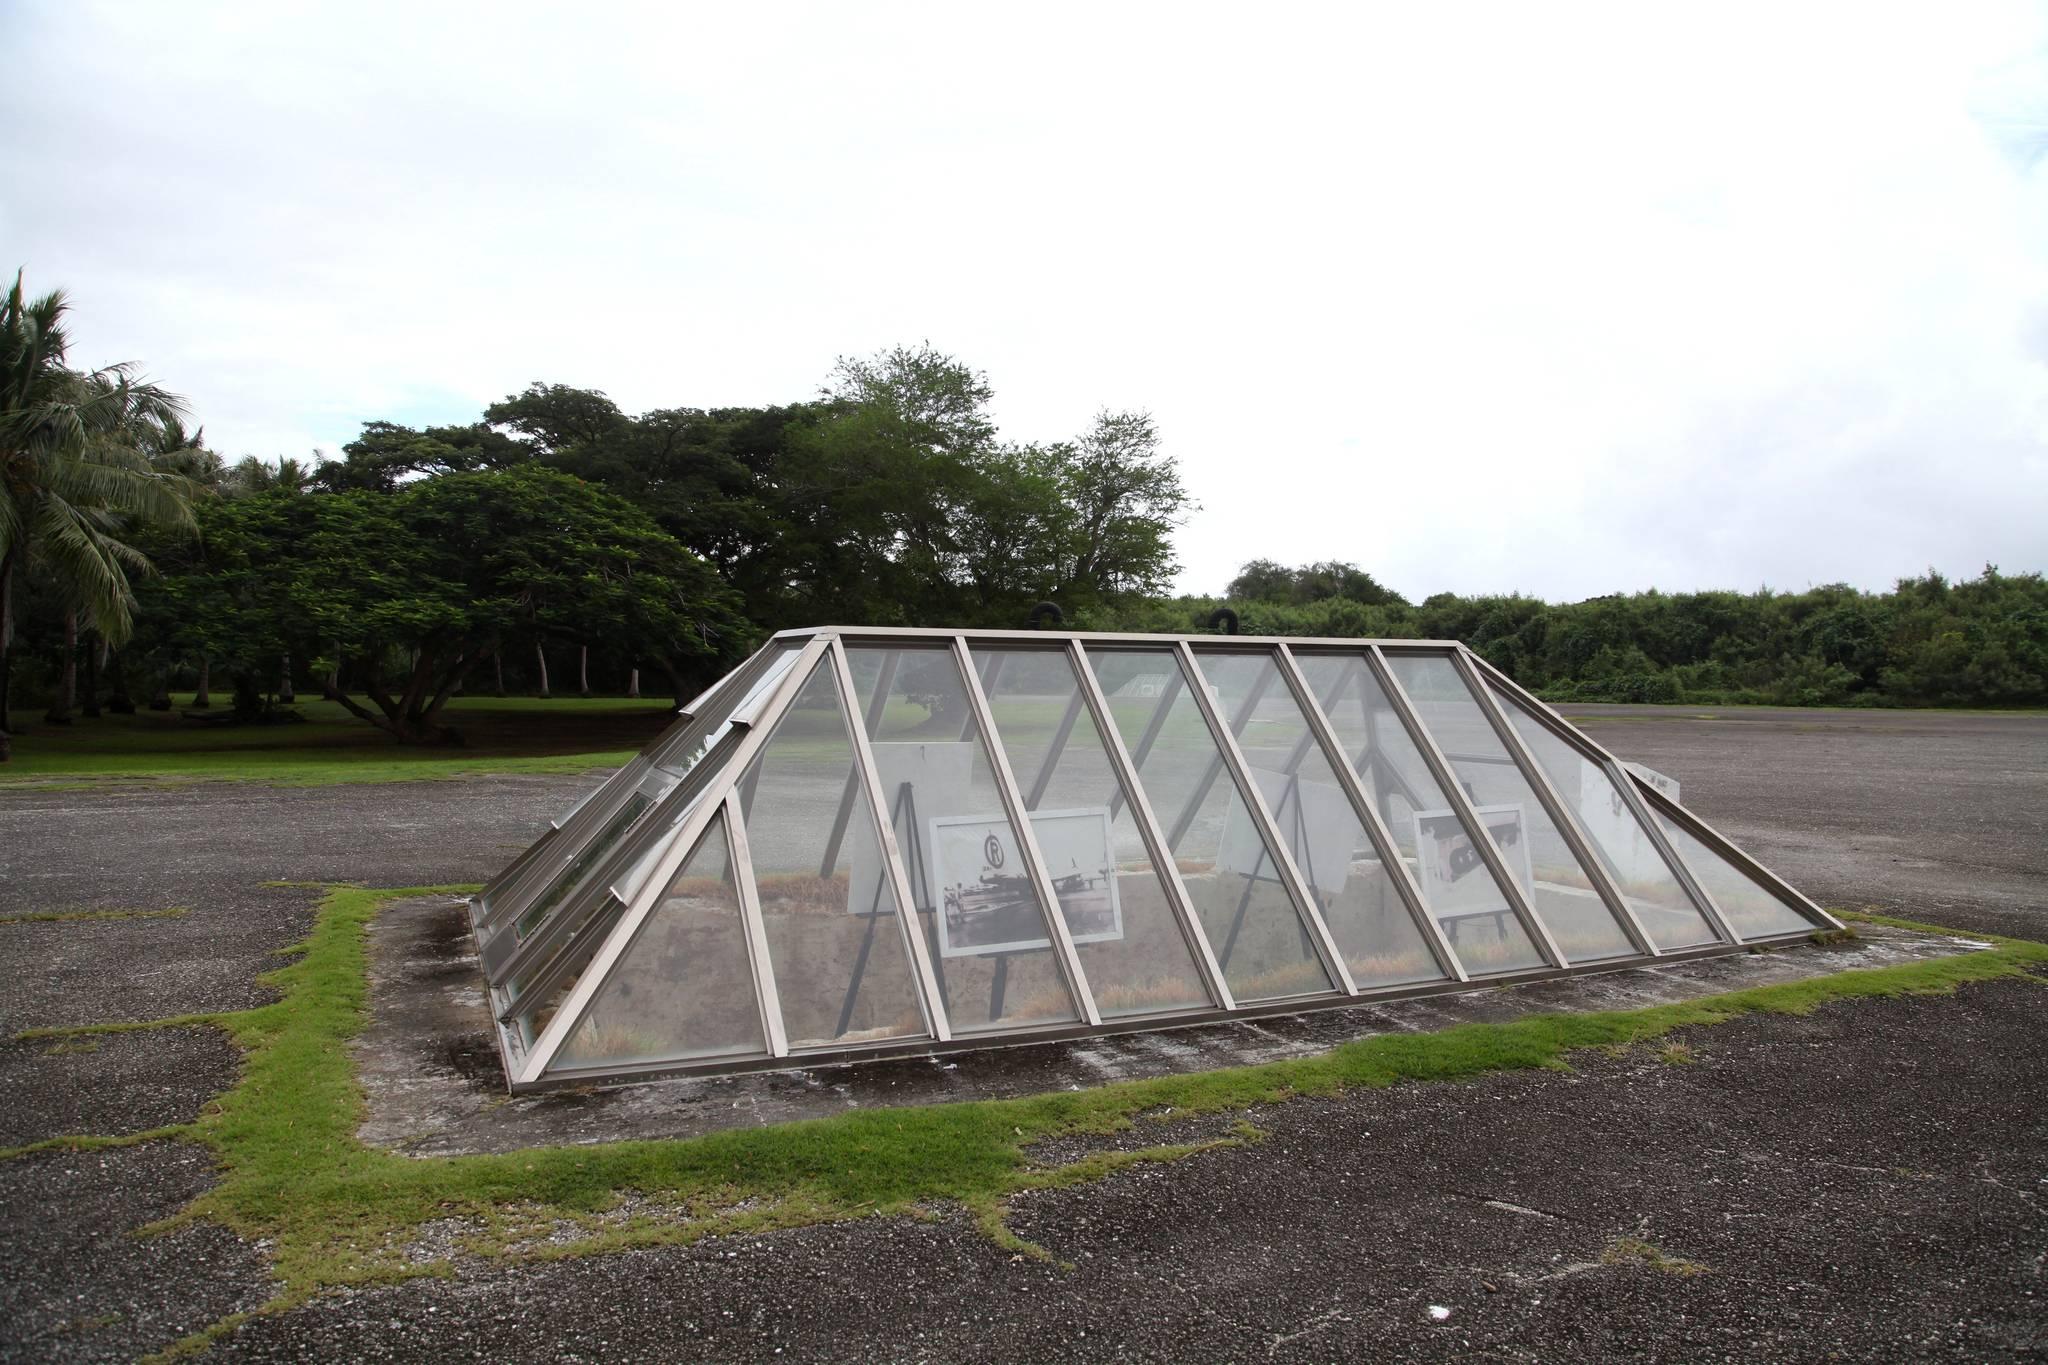 미국 공군기지였던 이곳에서 원자폭탄을 실어 일본에 투하했다.